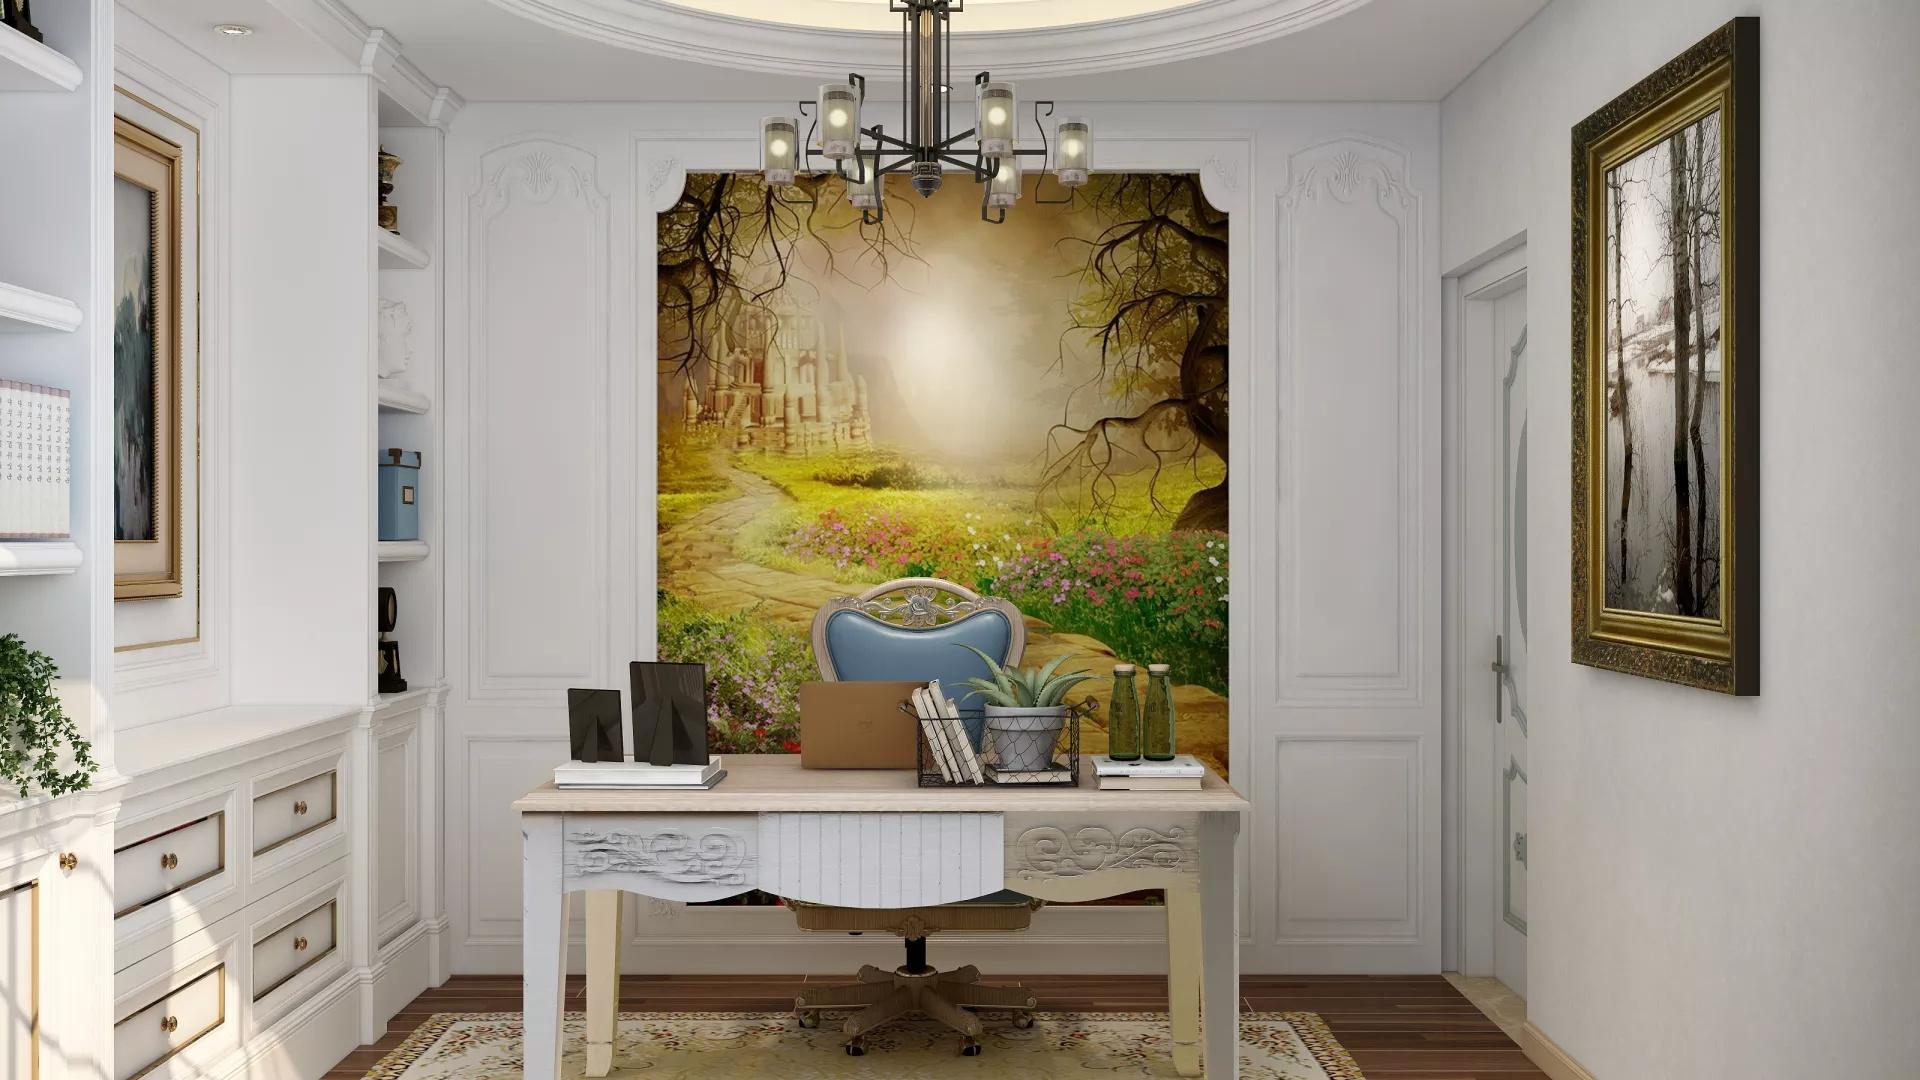 客厅,吊顶,背景墙,美式风格,沙发,灯具,茶几,舒适,实用